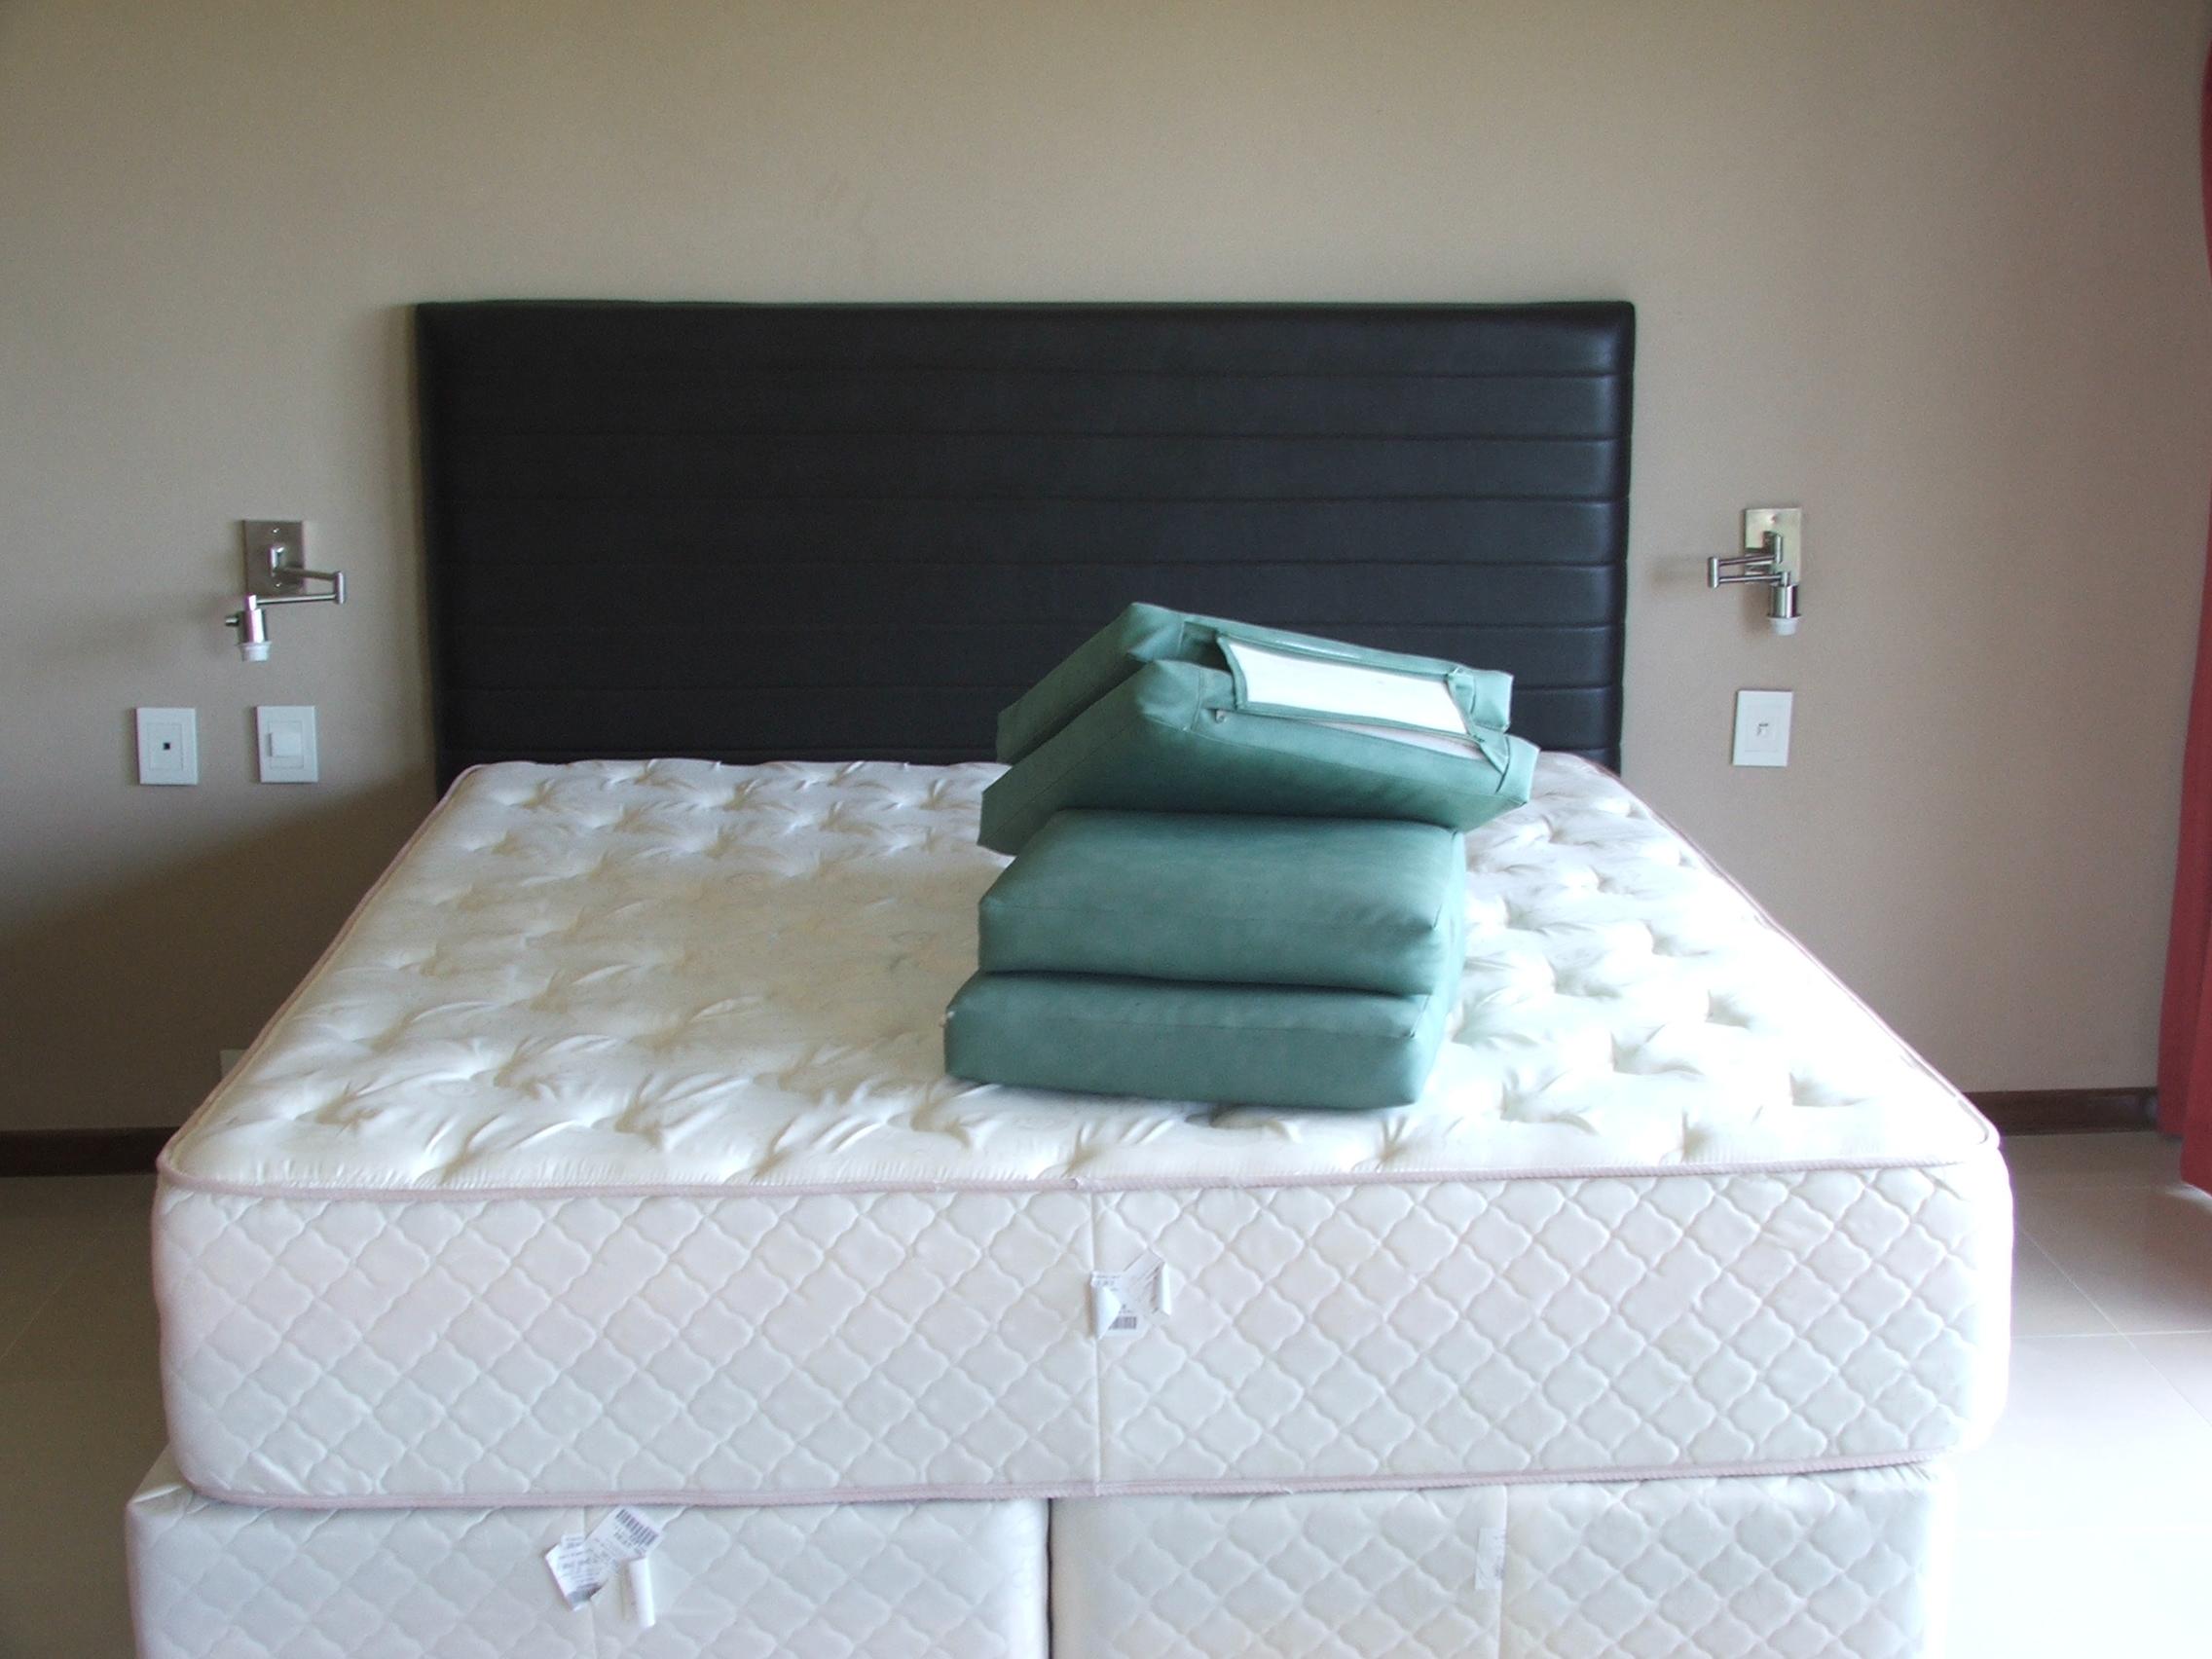 Respaldos de cama zfantique conjunto de muebles de - Respaldos para camas ...